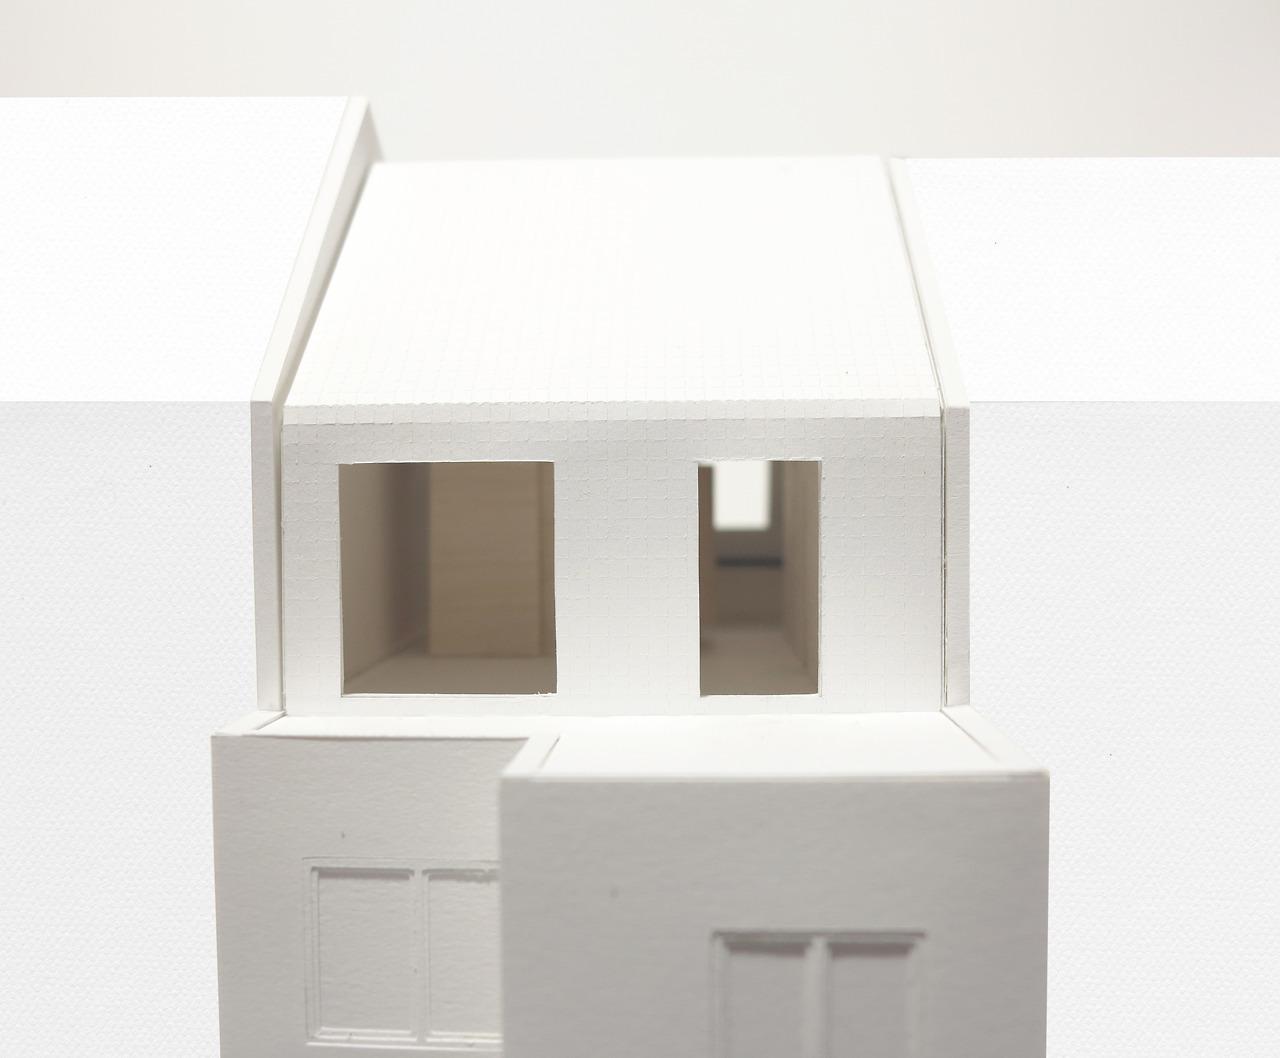 Extension en rehausse d'une maison à Bruxelles  by NONANTE architectes & MAMOUT architectes